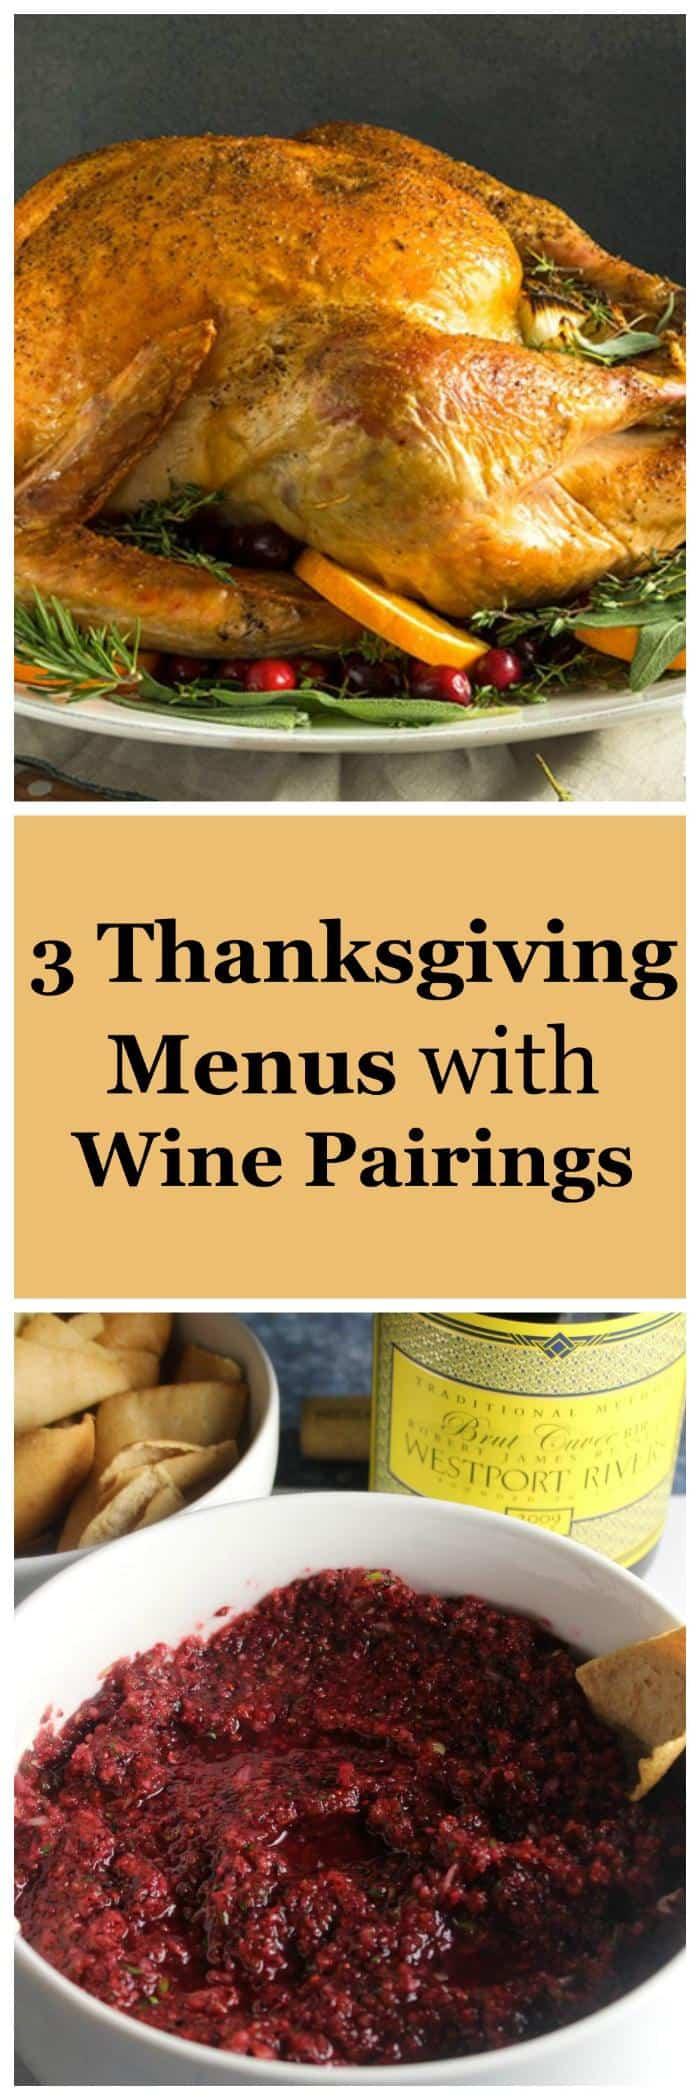 thanksgiving menu collage.